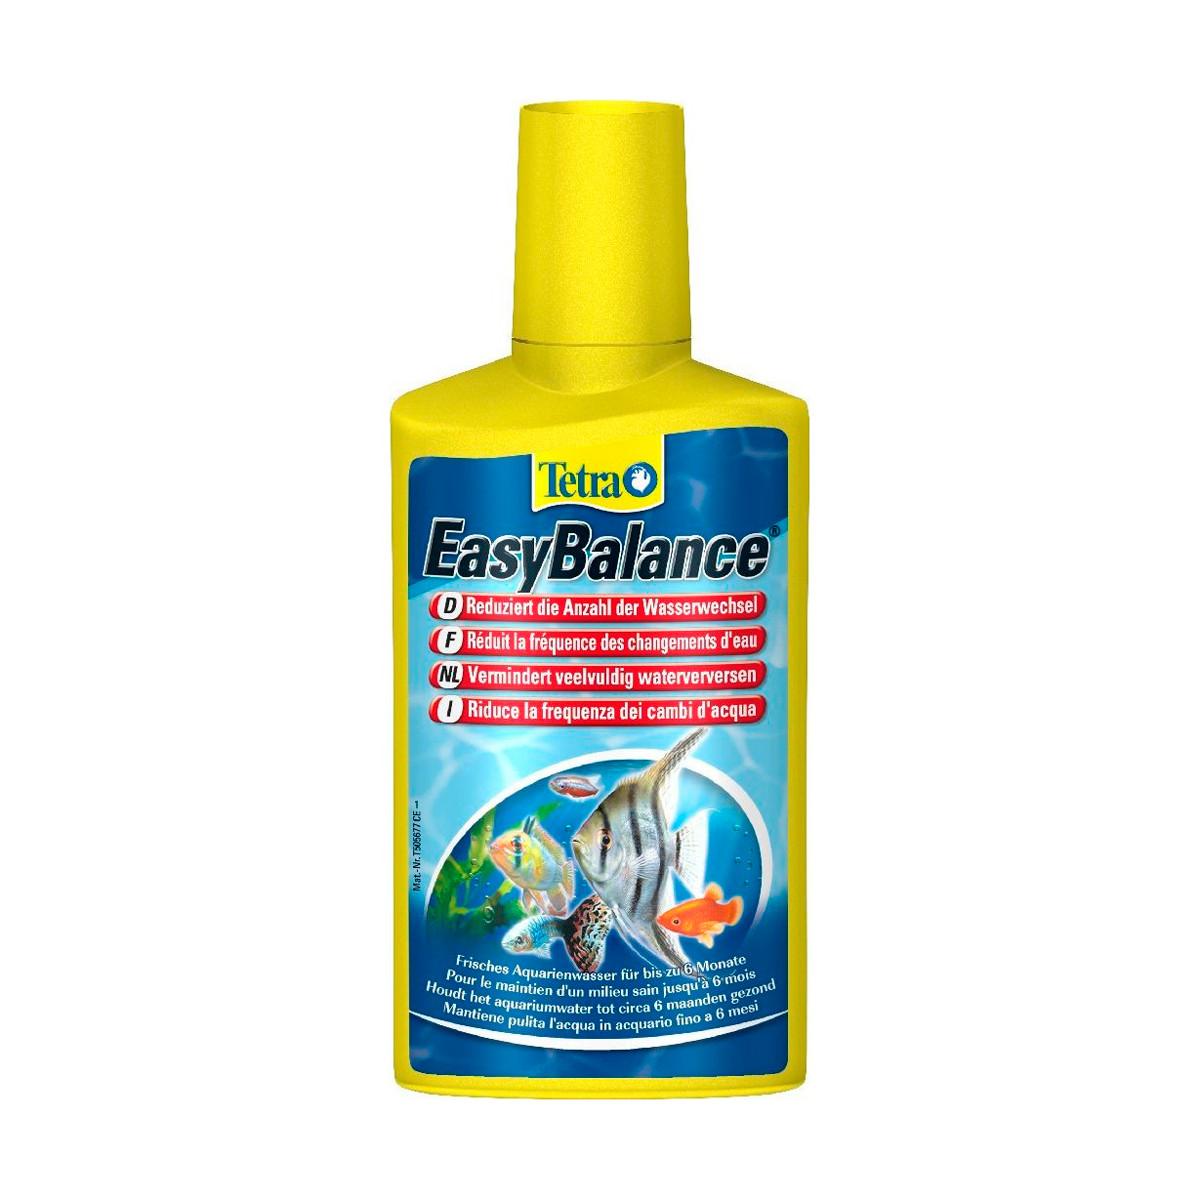 Tetra Aqua Easy Balance 100ml  - средство для поддержания параметров воды в аквариуме (на 400 л) - Интернет-магазин «Моё дело» в Харькове